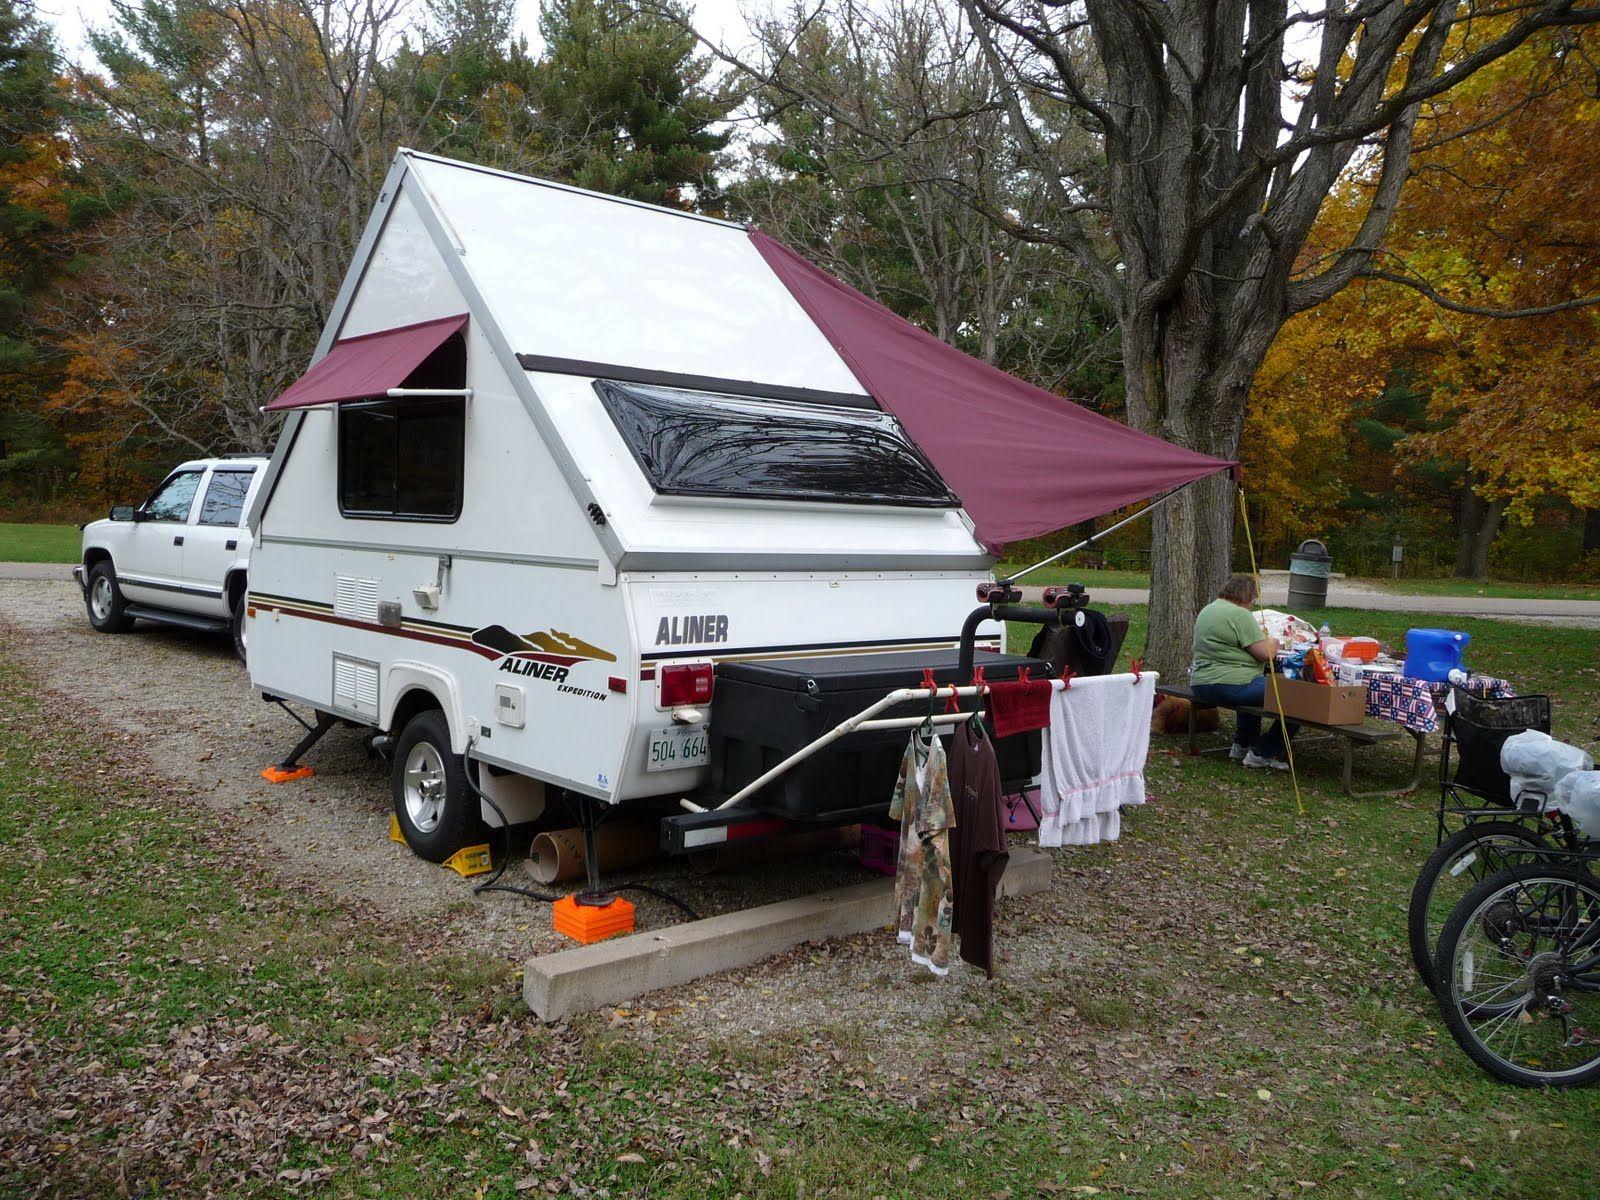 P1000536.JPG] | ALINER Ideas | Pinterest | Rv and Camping